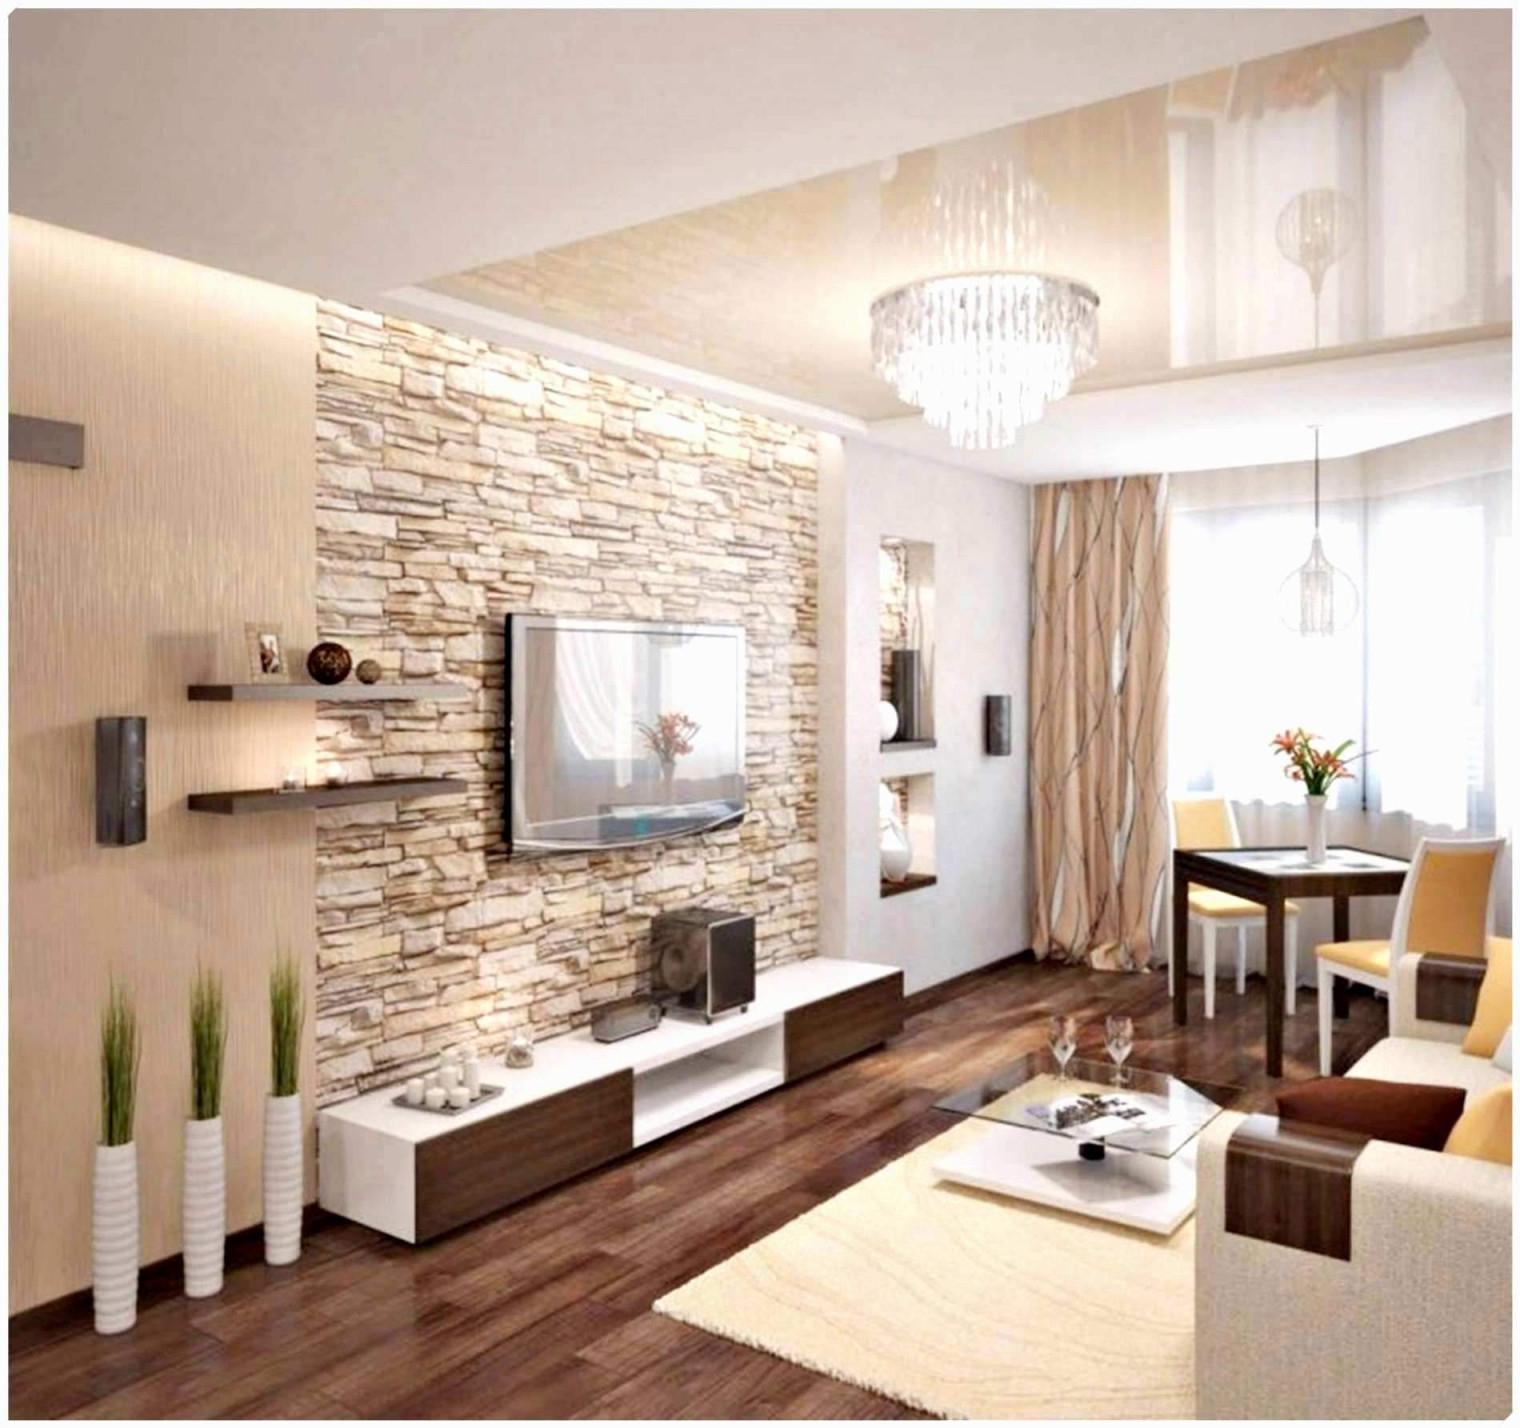 39 Einzigartig Wohnzimmer Tapeten Ideen Modern Das Beste Von von Tapeten Vorschläge Wohnzimmer Photo